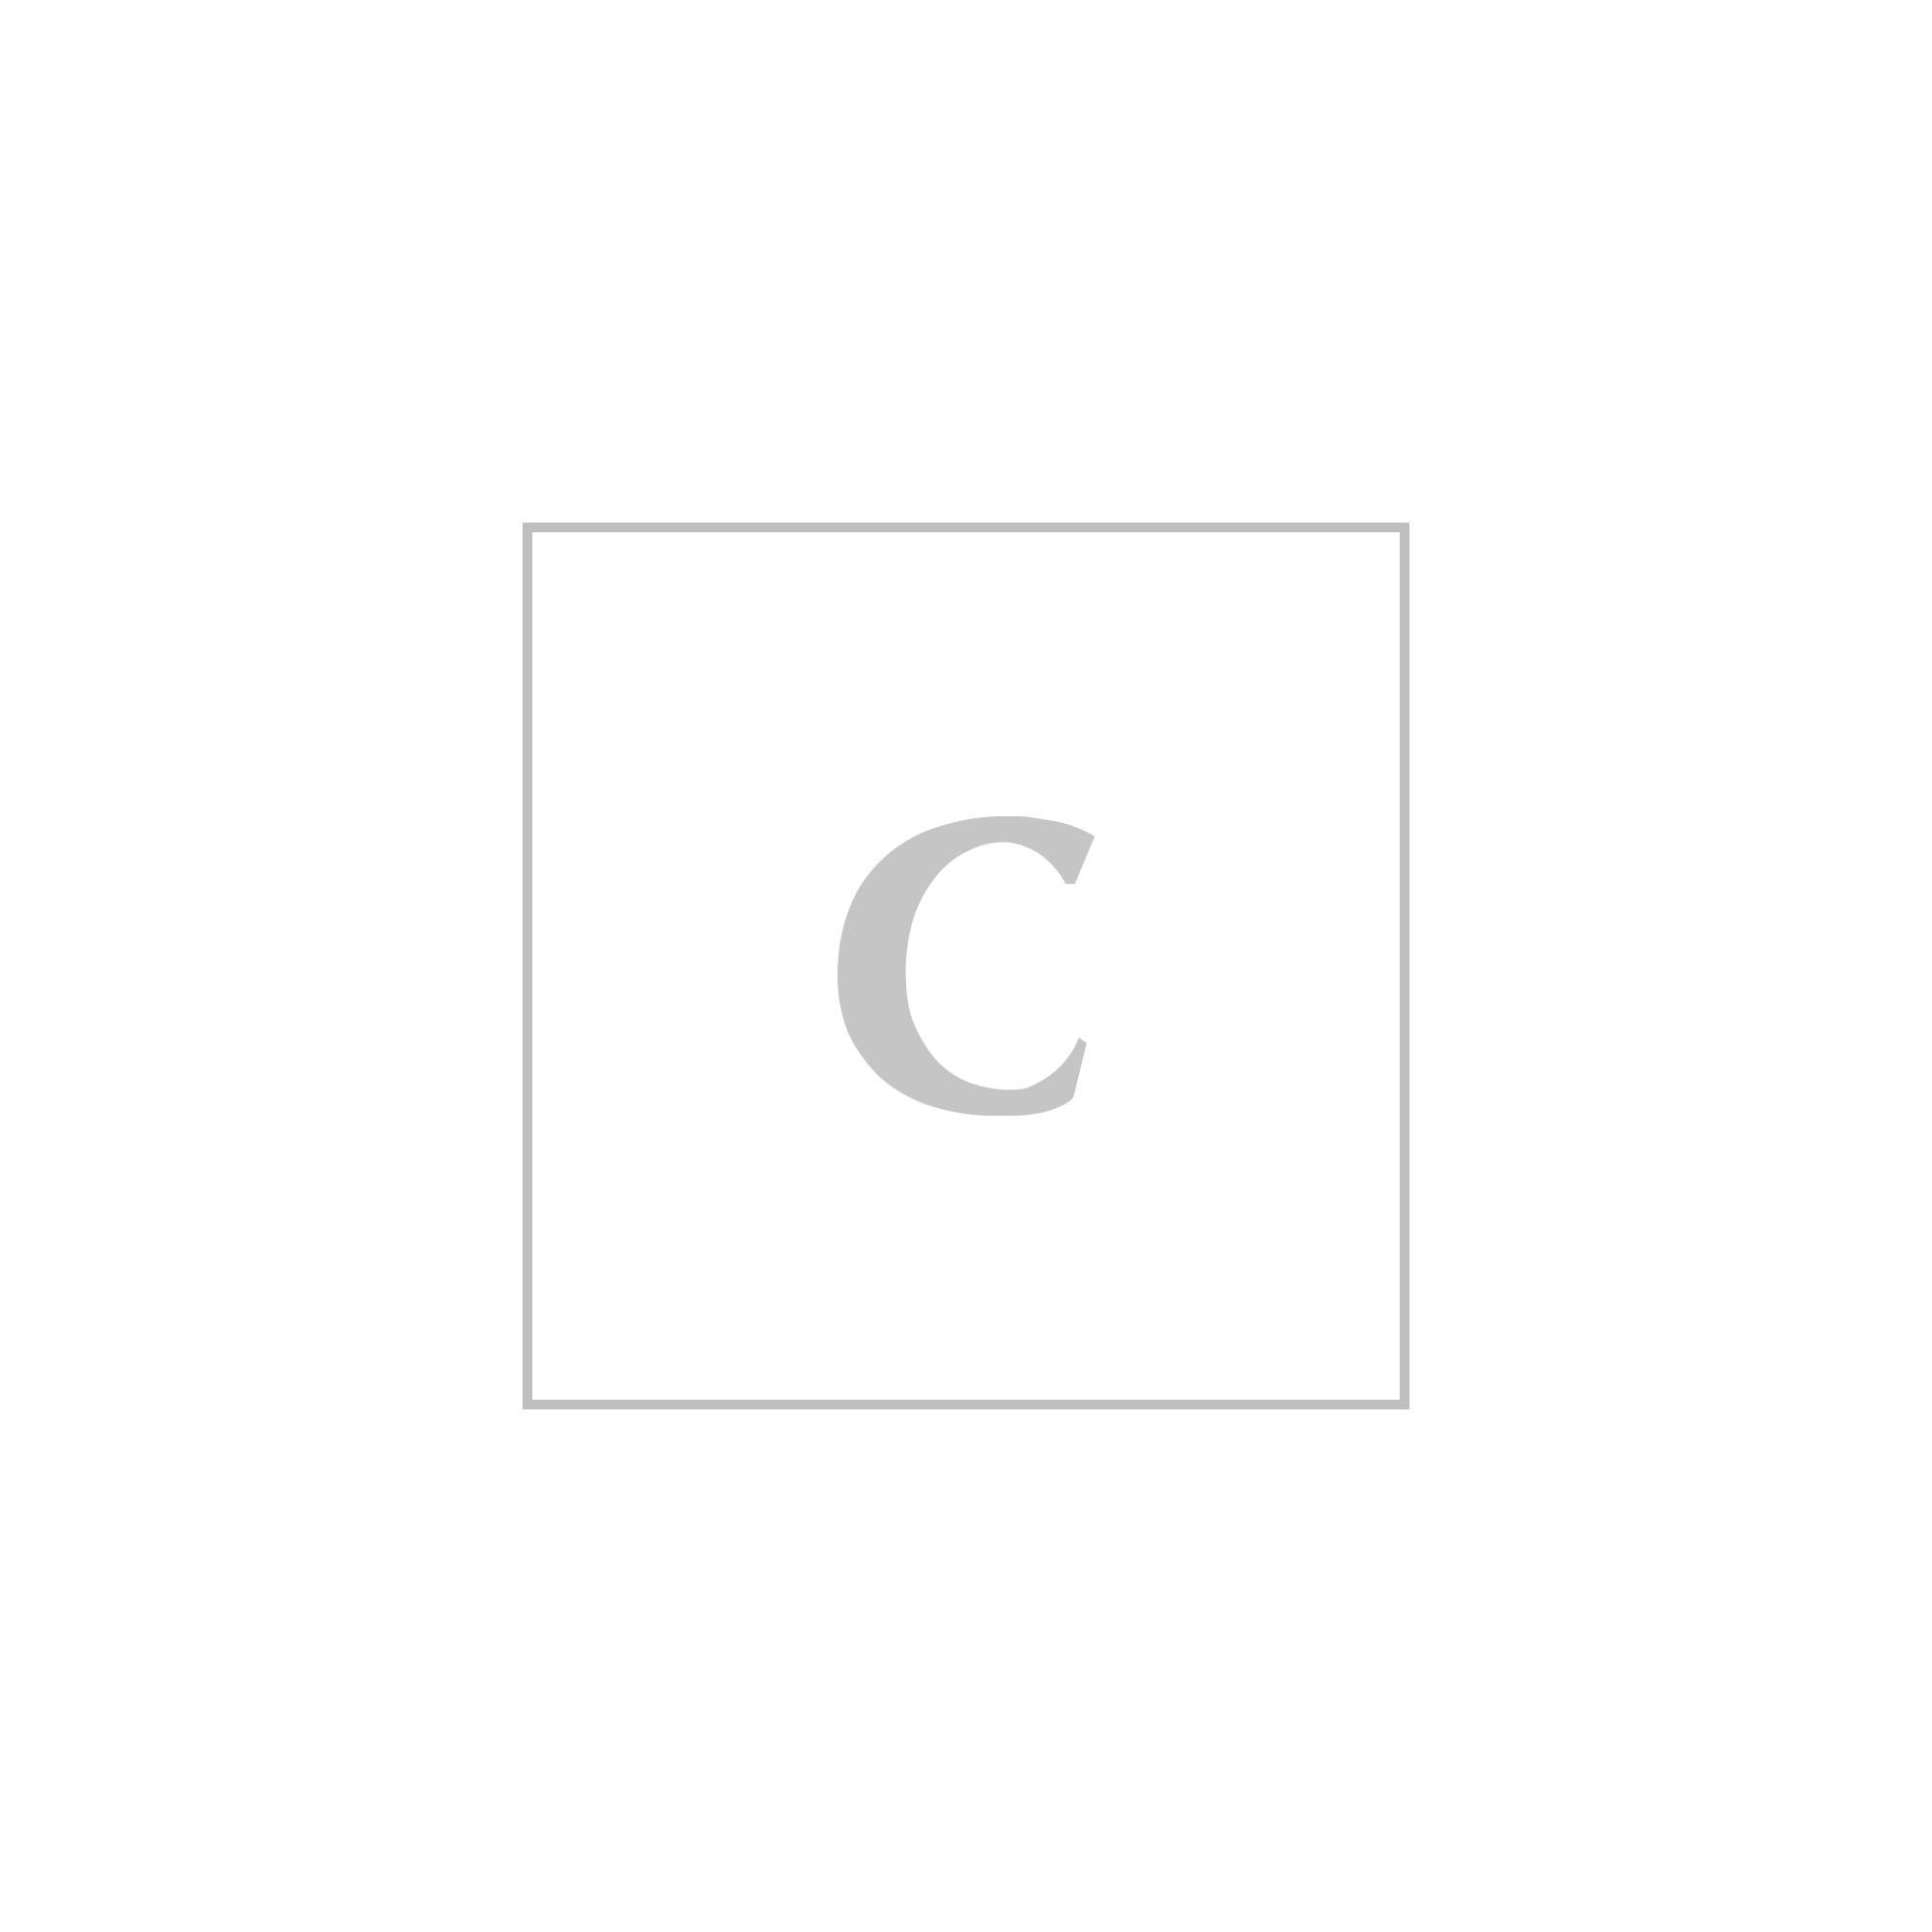 Ohmai melete p085 clutch